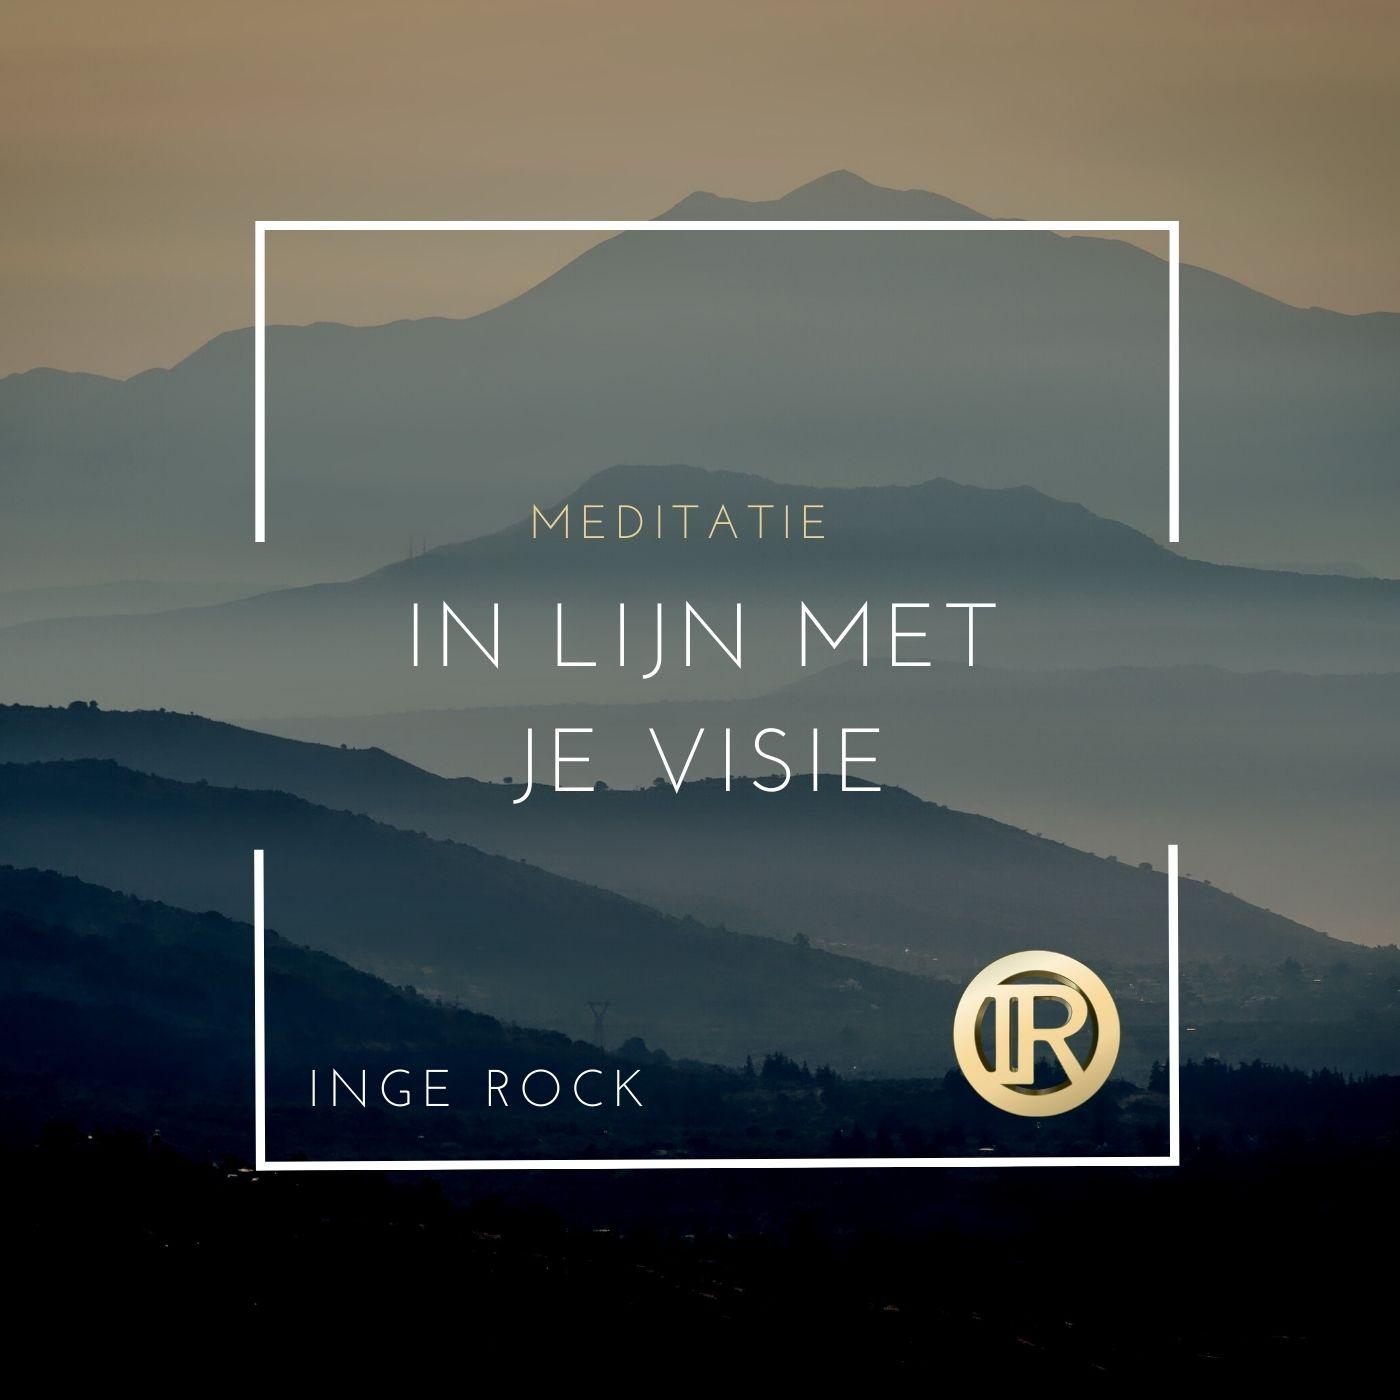 Meditatie-in-lijn-met-je-visie